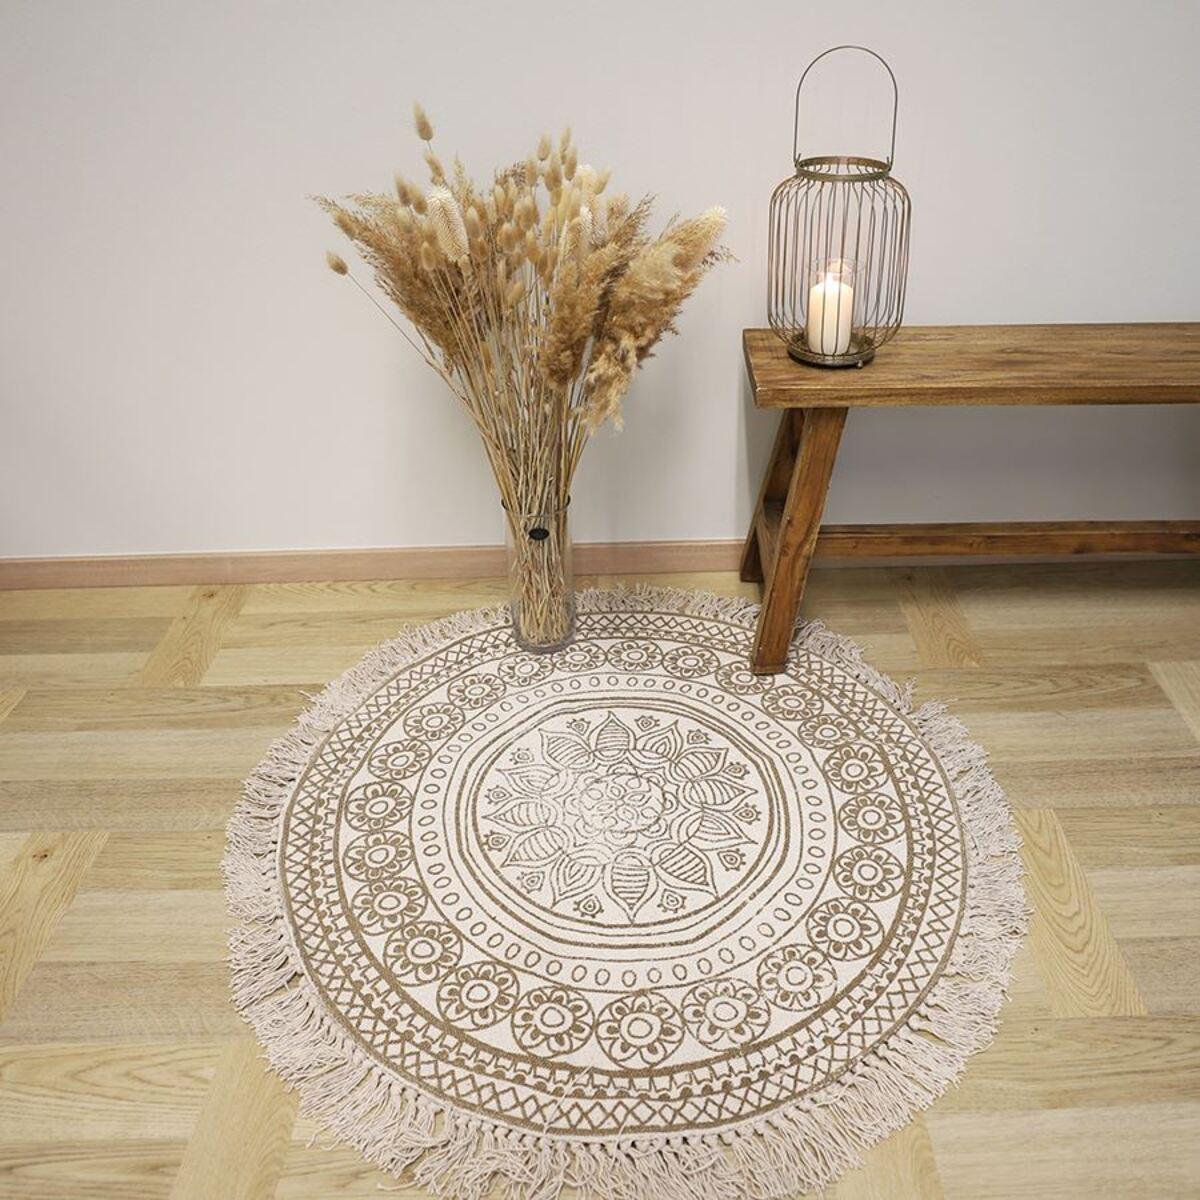 Bild 2 von Boho-Teppich mit Fransen 90cm Natur/Beige